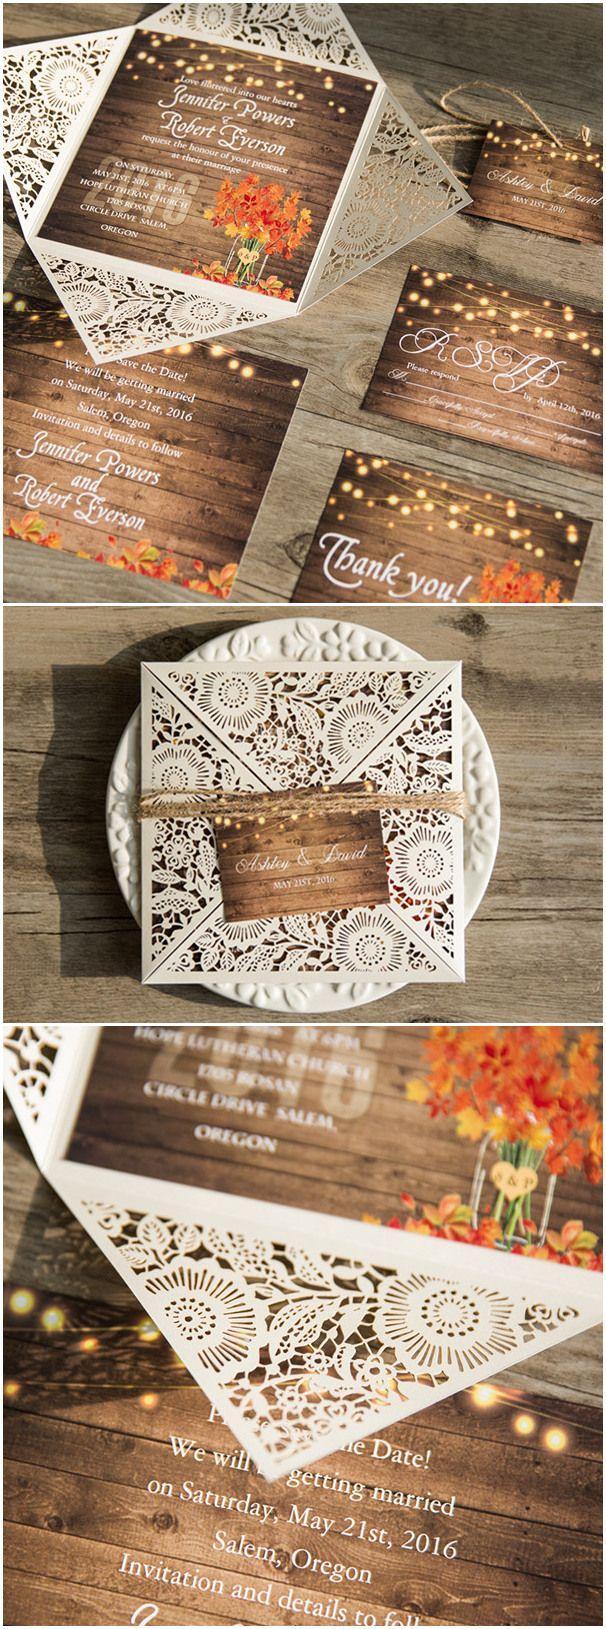 Wedding - Rustic Stringlights Maple Leaf Laser Cut Wedding Invitations With Twines EWWS096